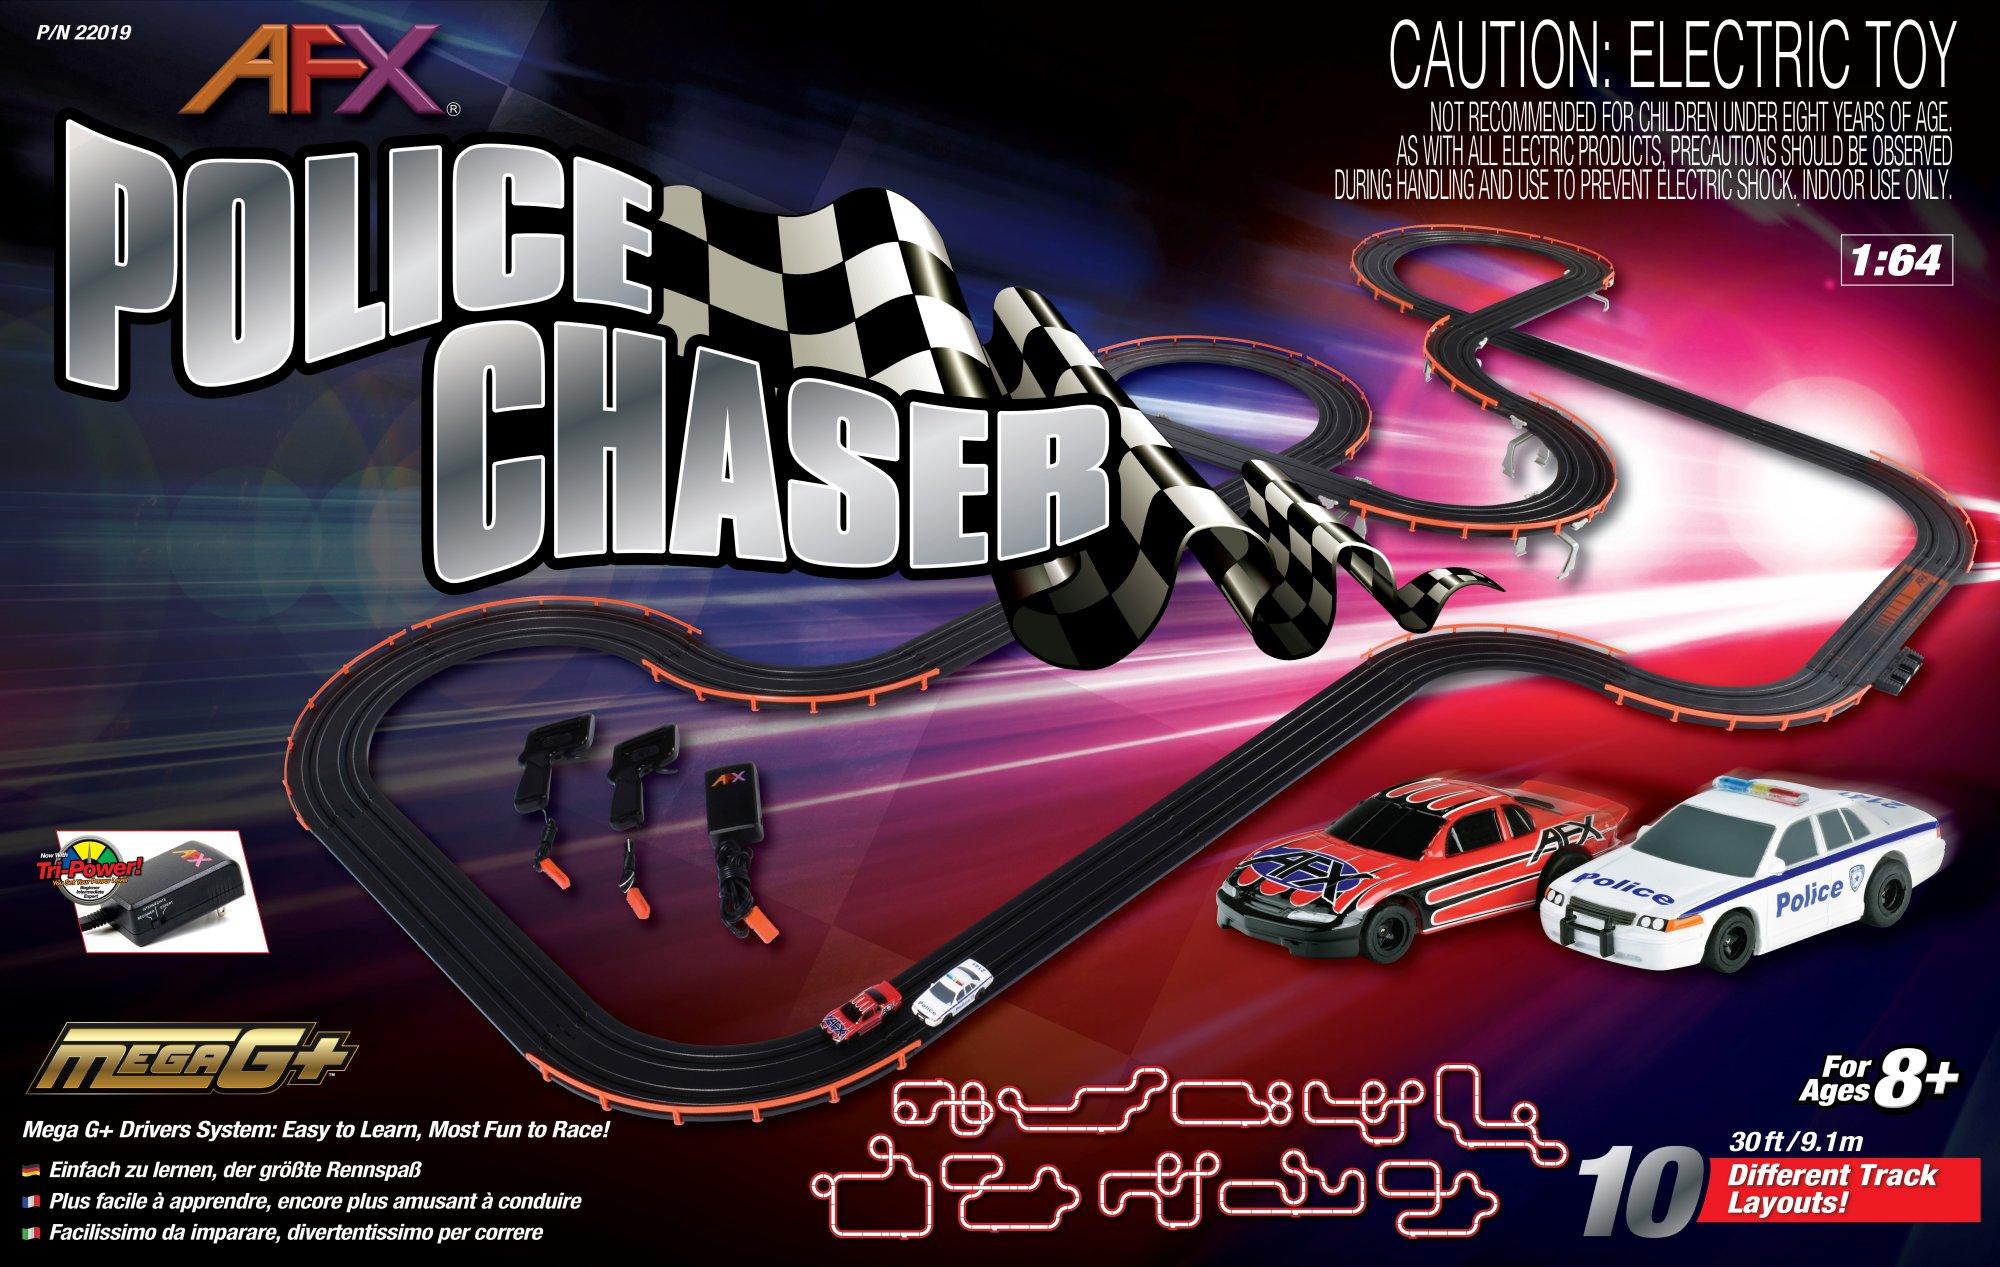 Police Chaser Set:30ft Track,Mega G+,Tri-Power Pck